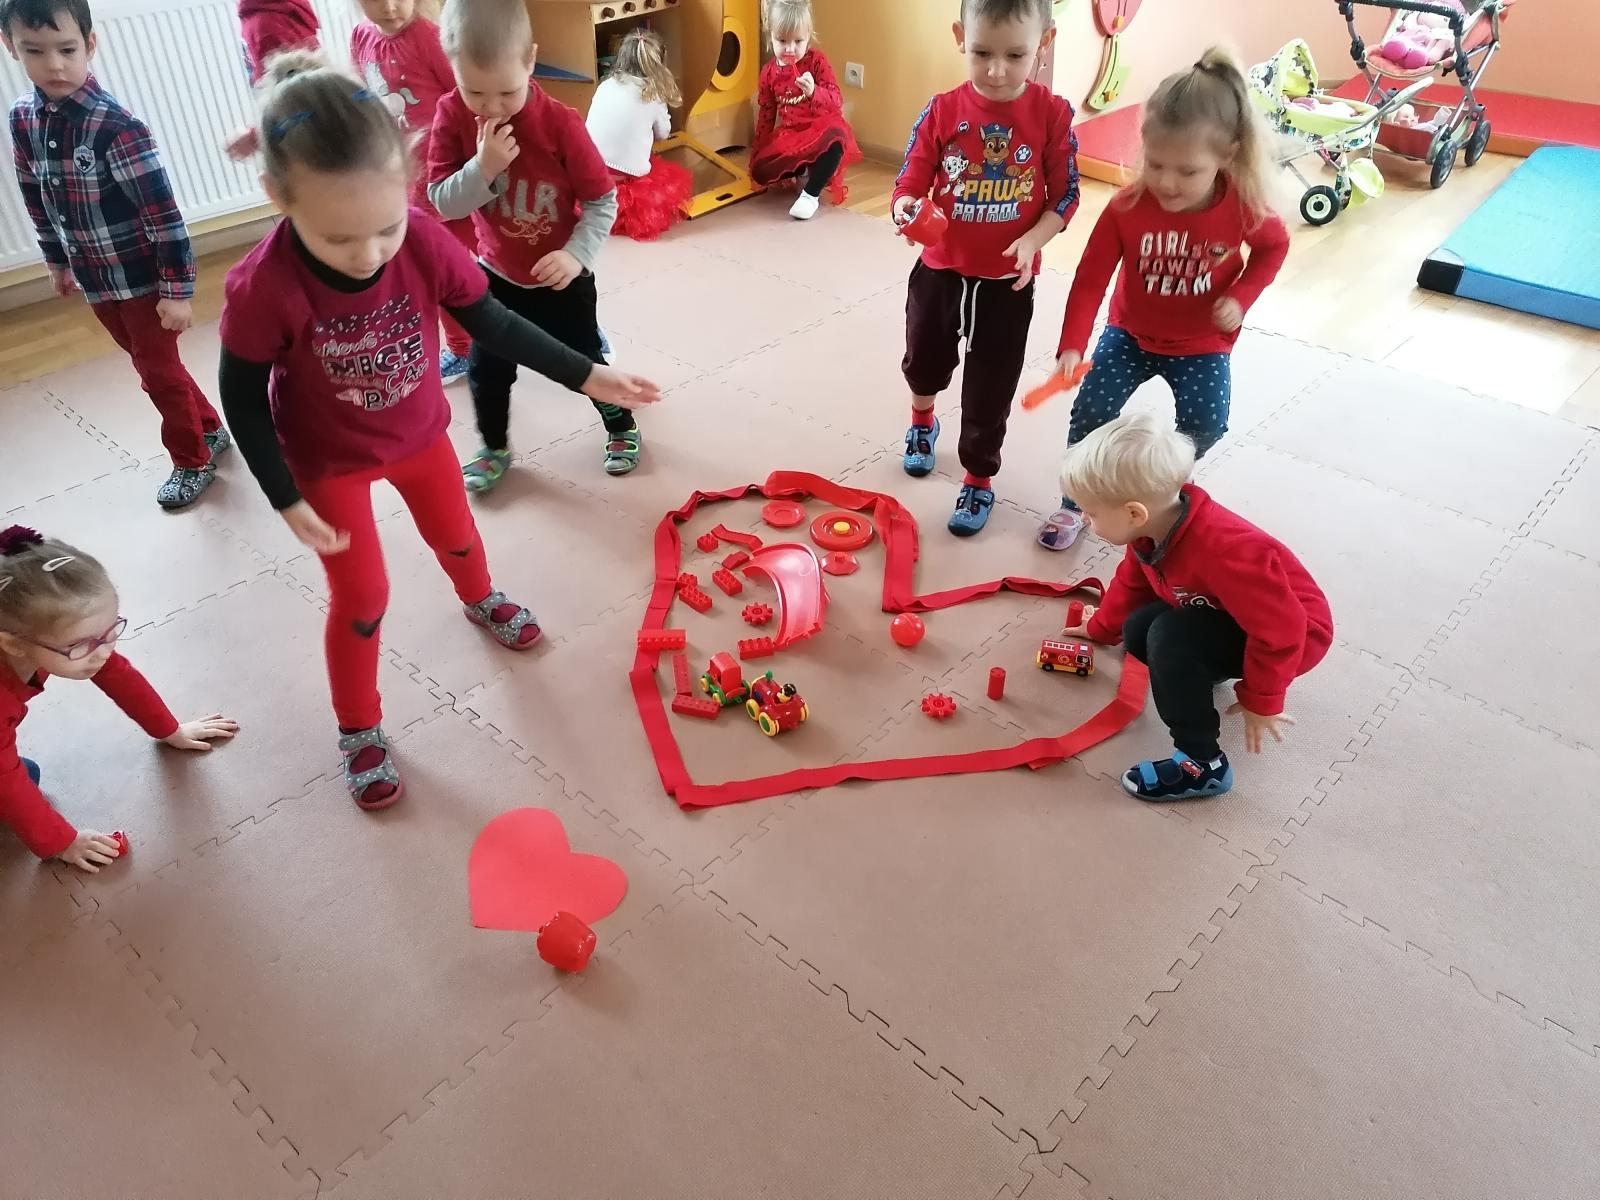 Serduszkowe Święto czyli Dzień Przyjaźni w przedszkolu